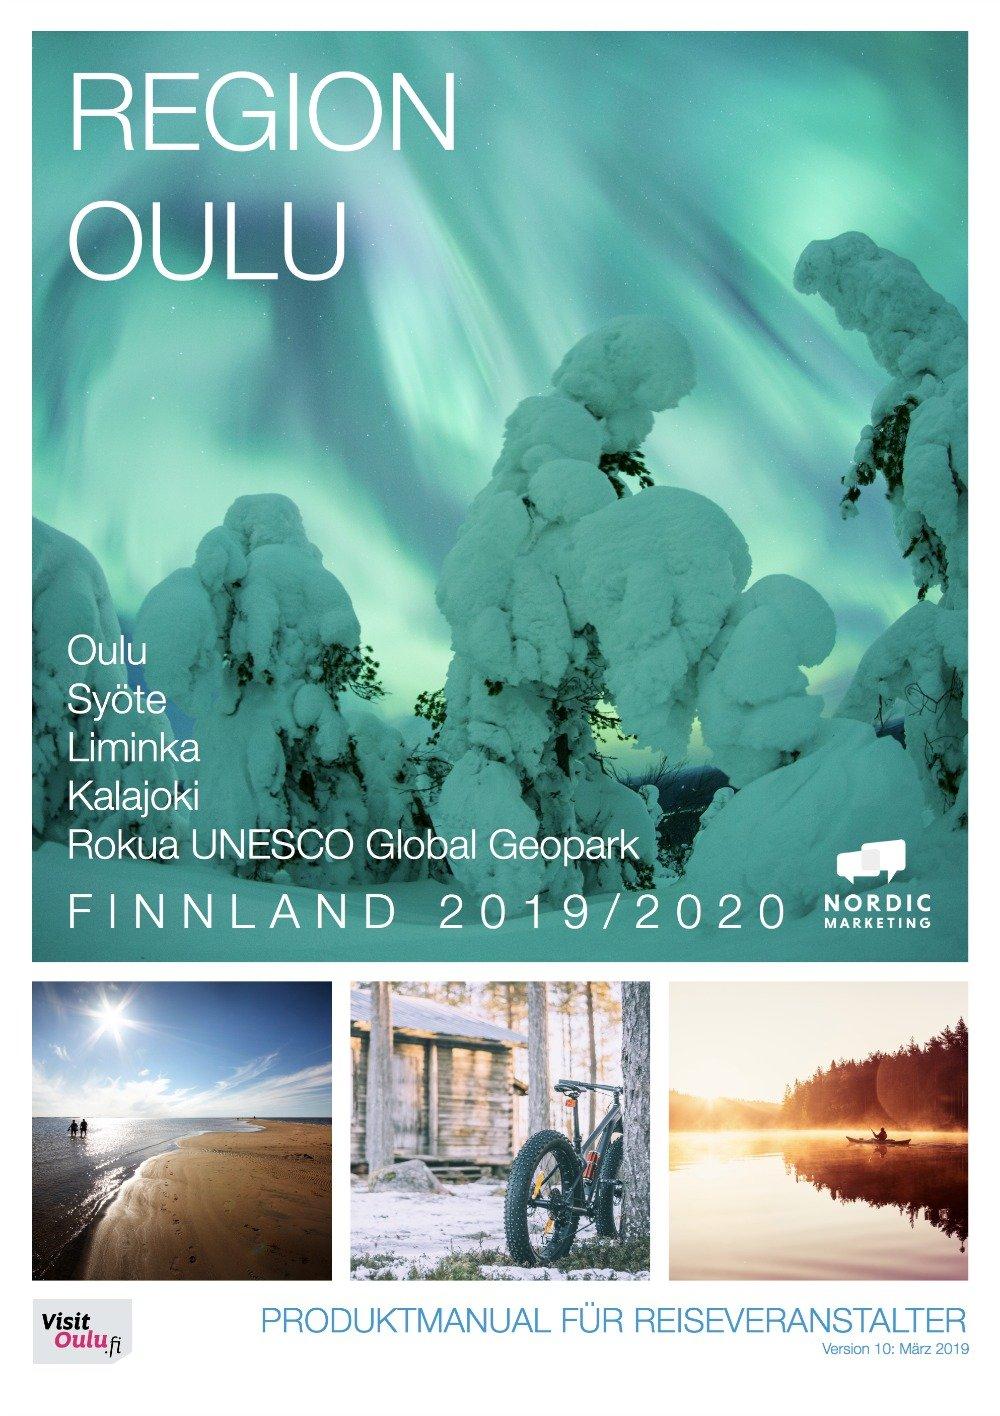 Produktmanual Region Oulu-Finnland 2019-2020